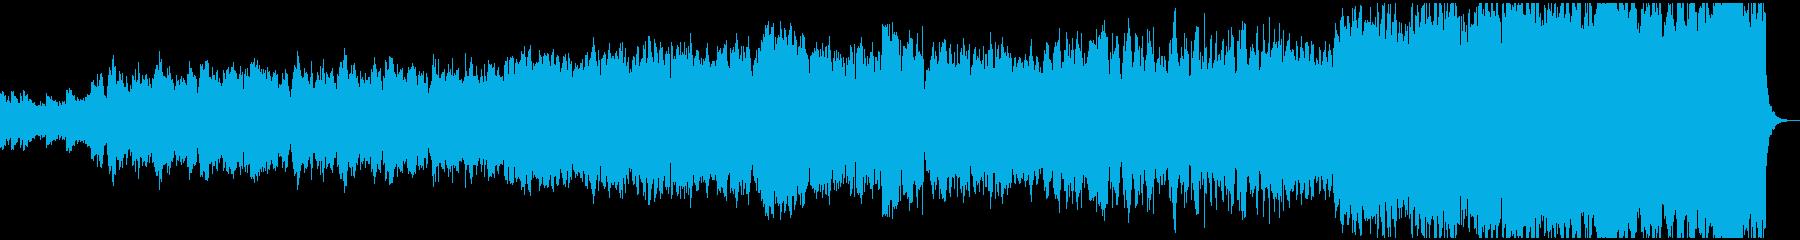 管弦楽による悲しいBGMの再生済みの波形